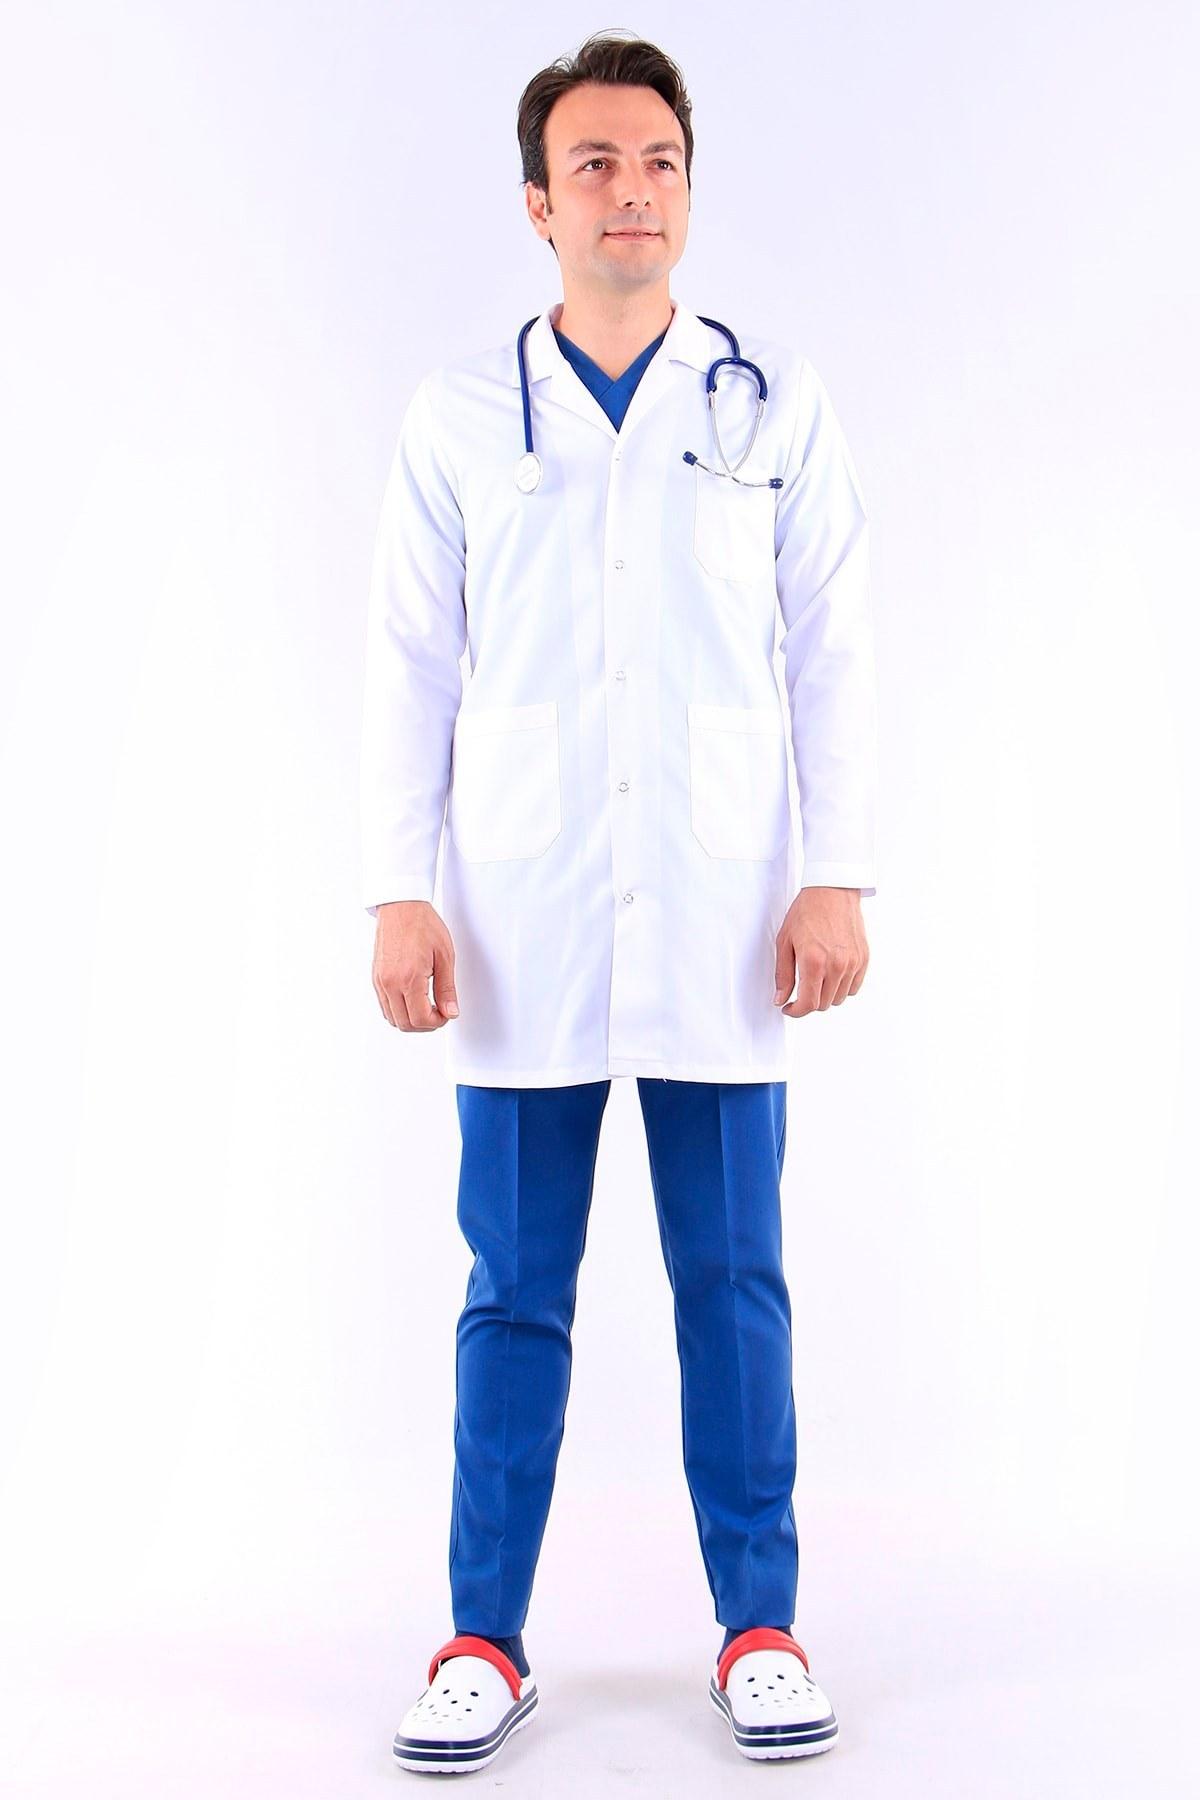 تصویر پرستار کلاسیک مردانه یقه قد بلند برند AWEST کد 1616705581